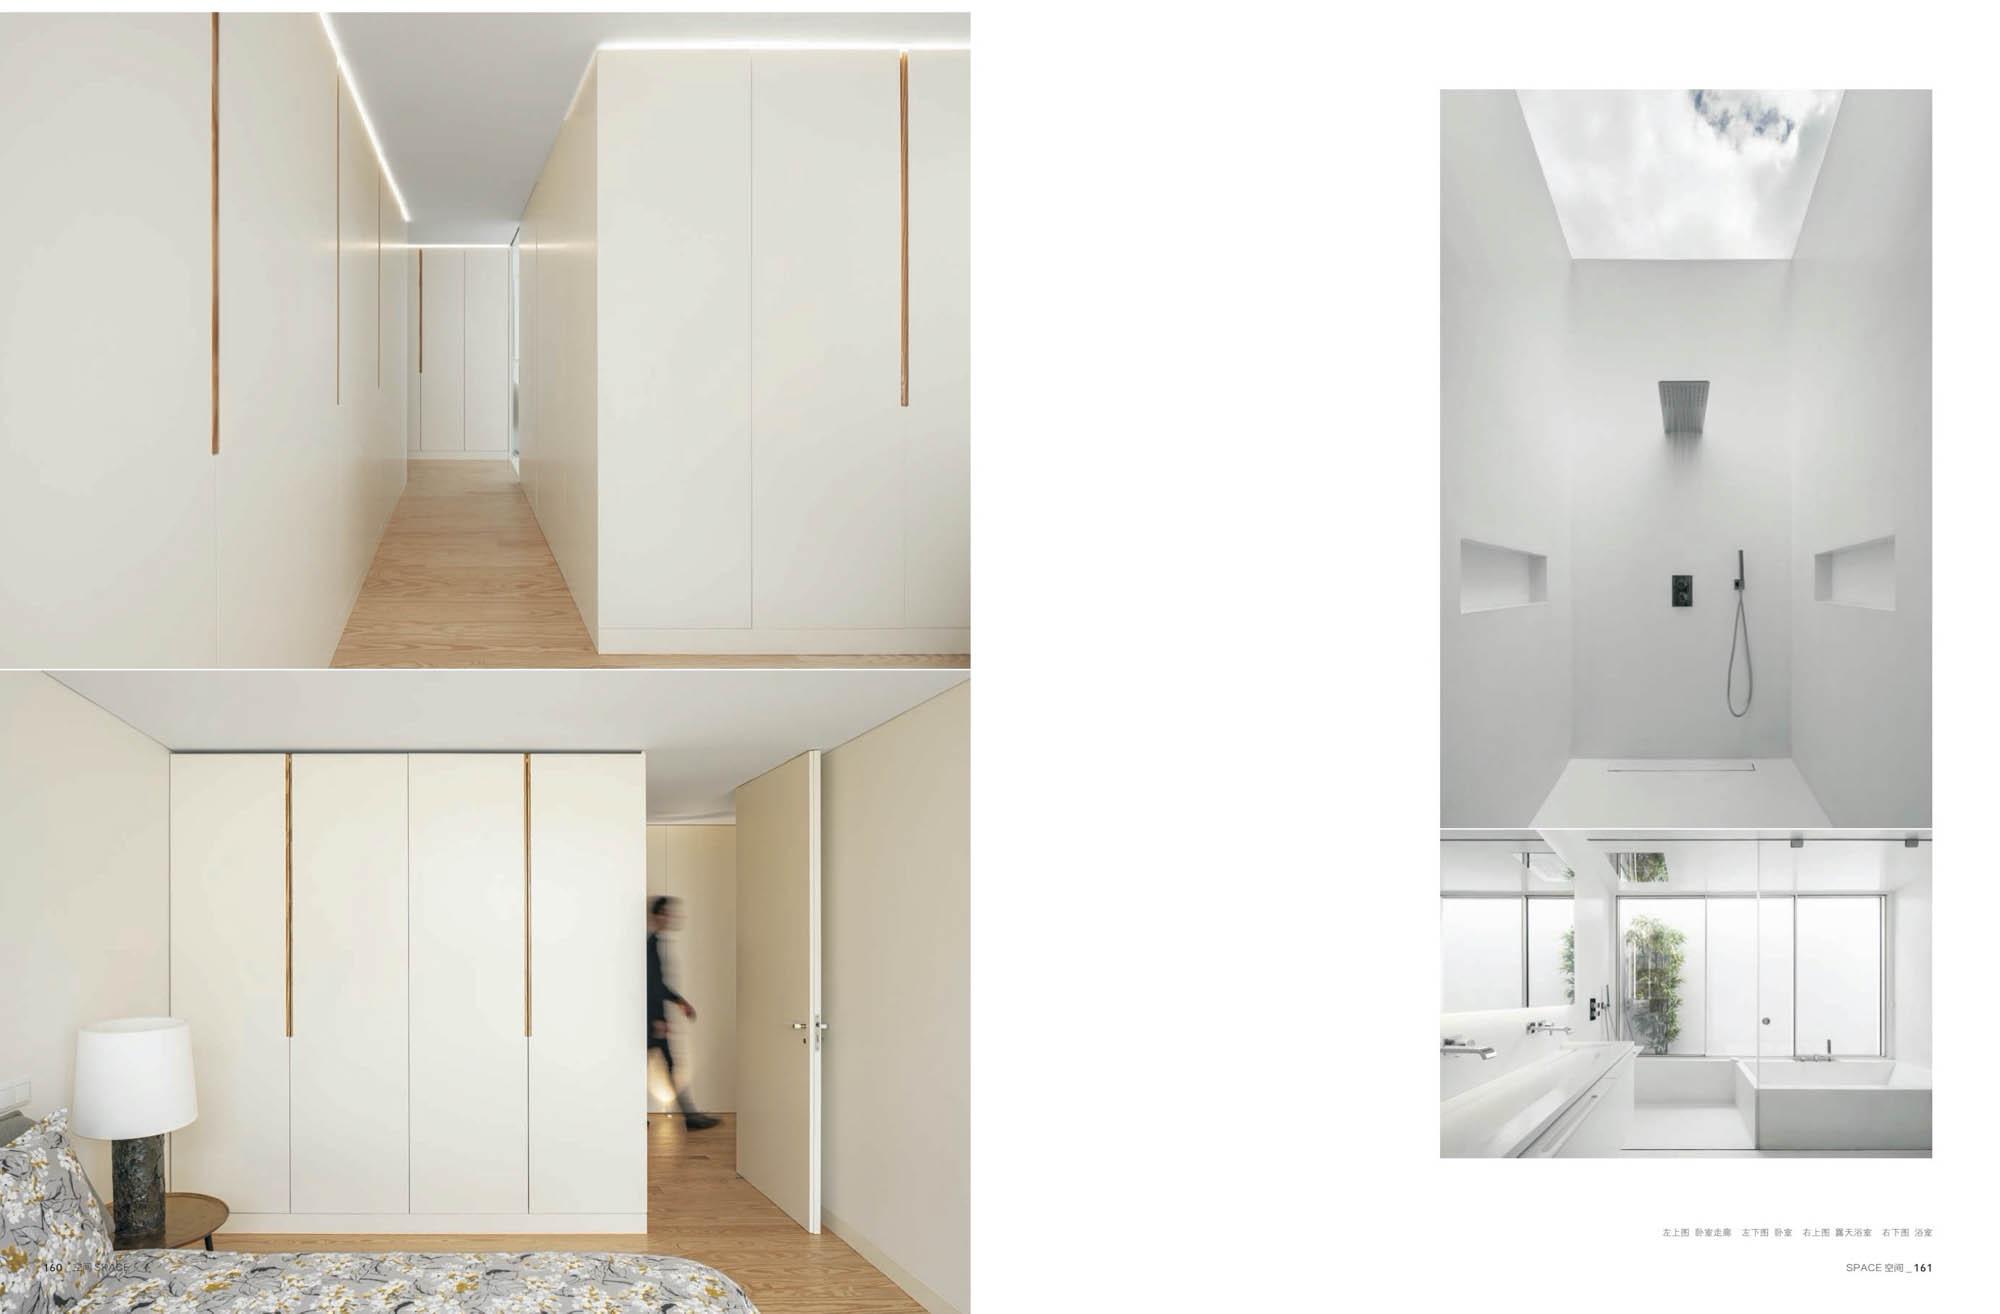 Casa A Em Guimarães Do Atelier Rem'a Publicado Na Revista Moder do fotografo Ivo Tavares Studio